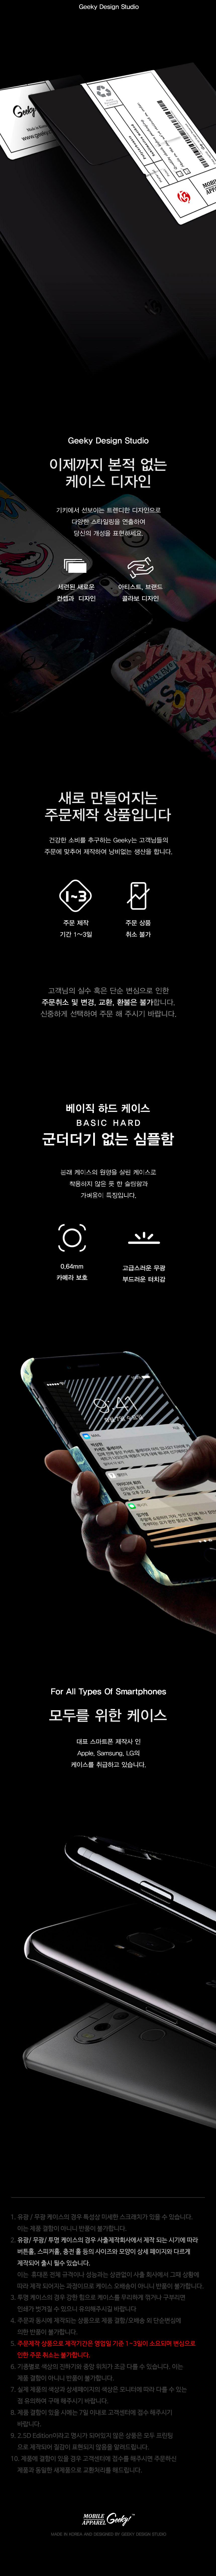 기키(GEEKY) phone case Texture No.13